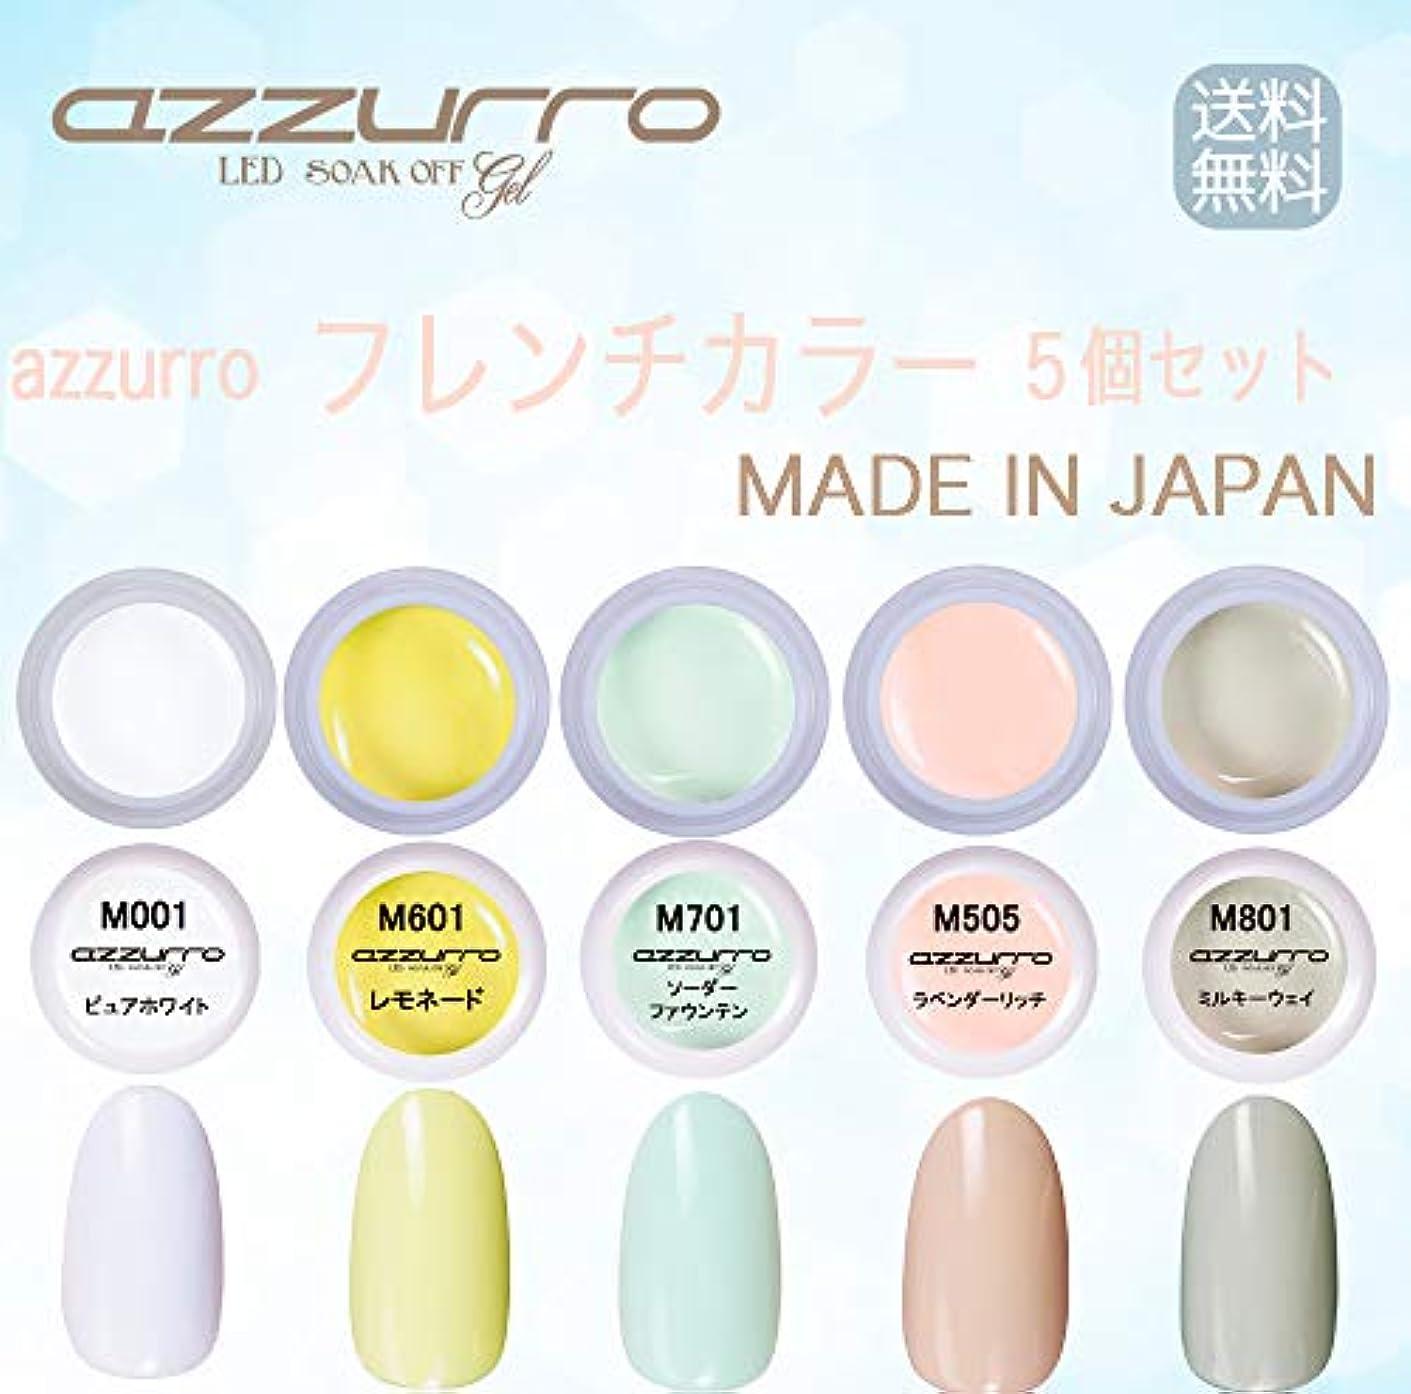 数学者偏心それに応じて【送料無料】日本製 azzurro gel フレンチカラージェル5個セット 春にピッタリでかわいいフレンチネイルにピッタリなカラー